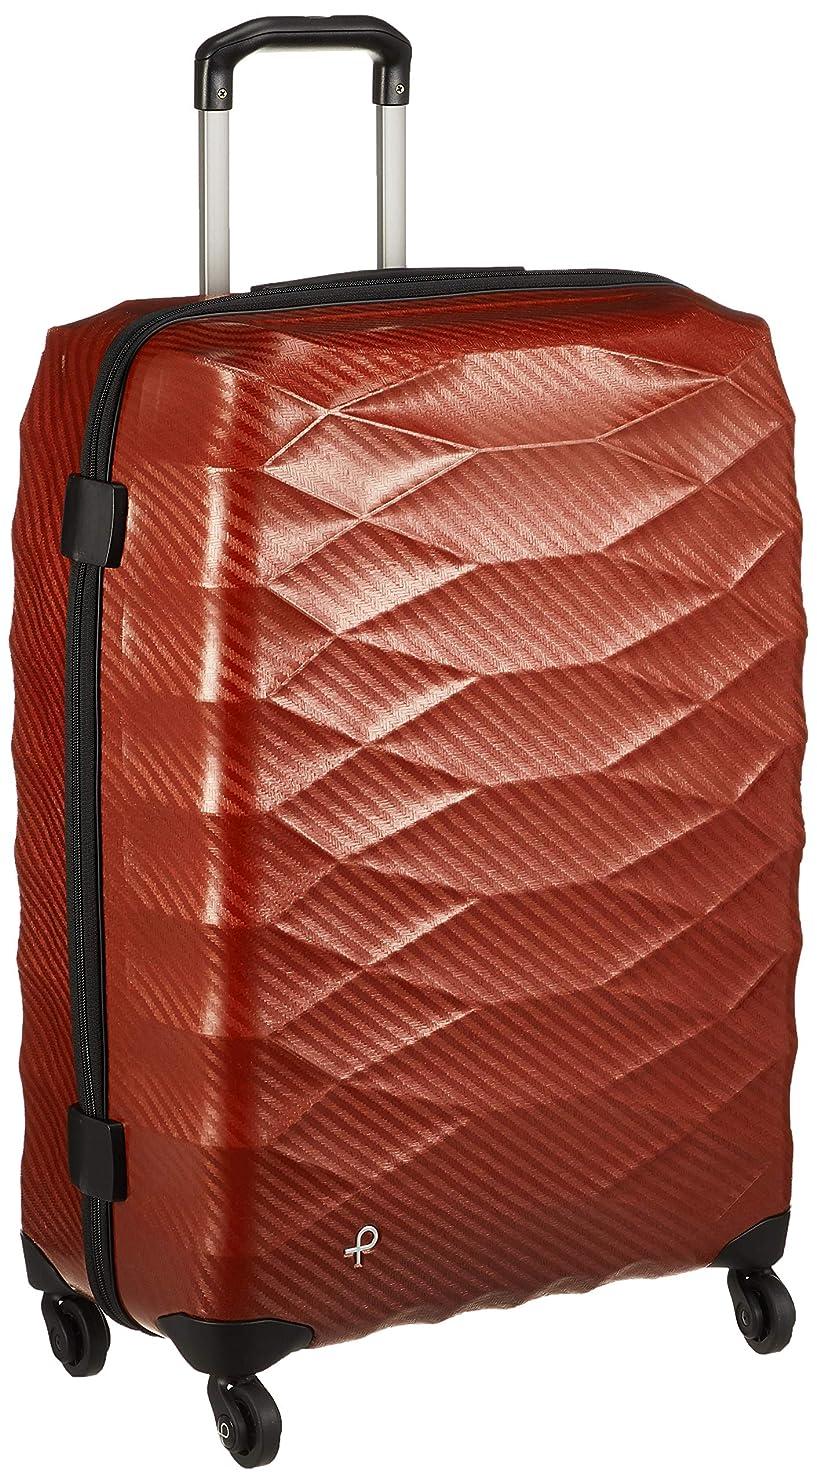 ローズご近所罪悪感[プロテカ] スーツケース 日本製 エアロフレックスライト 3年保証付 サイレントキャスター 不可 保証付 74L 63 cm 2.4kg